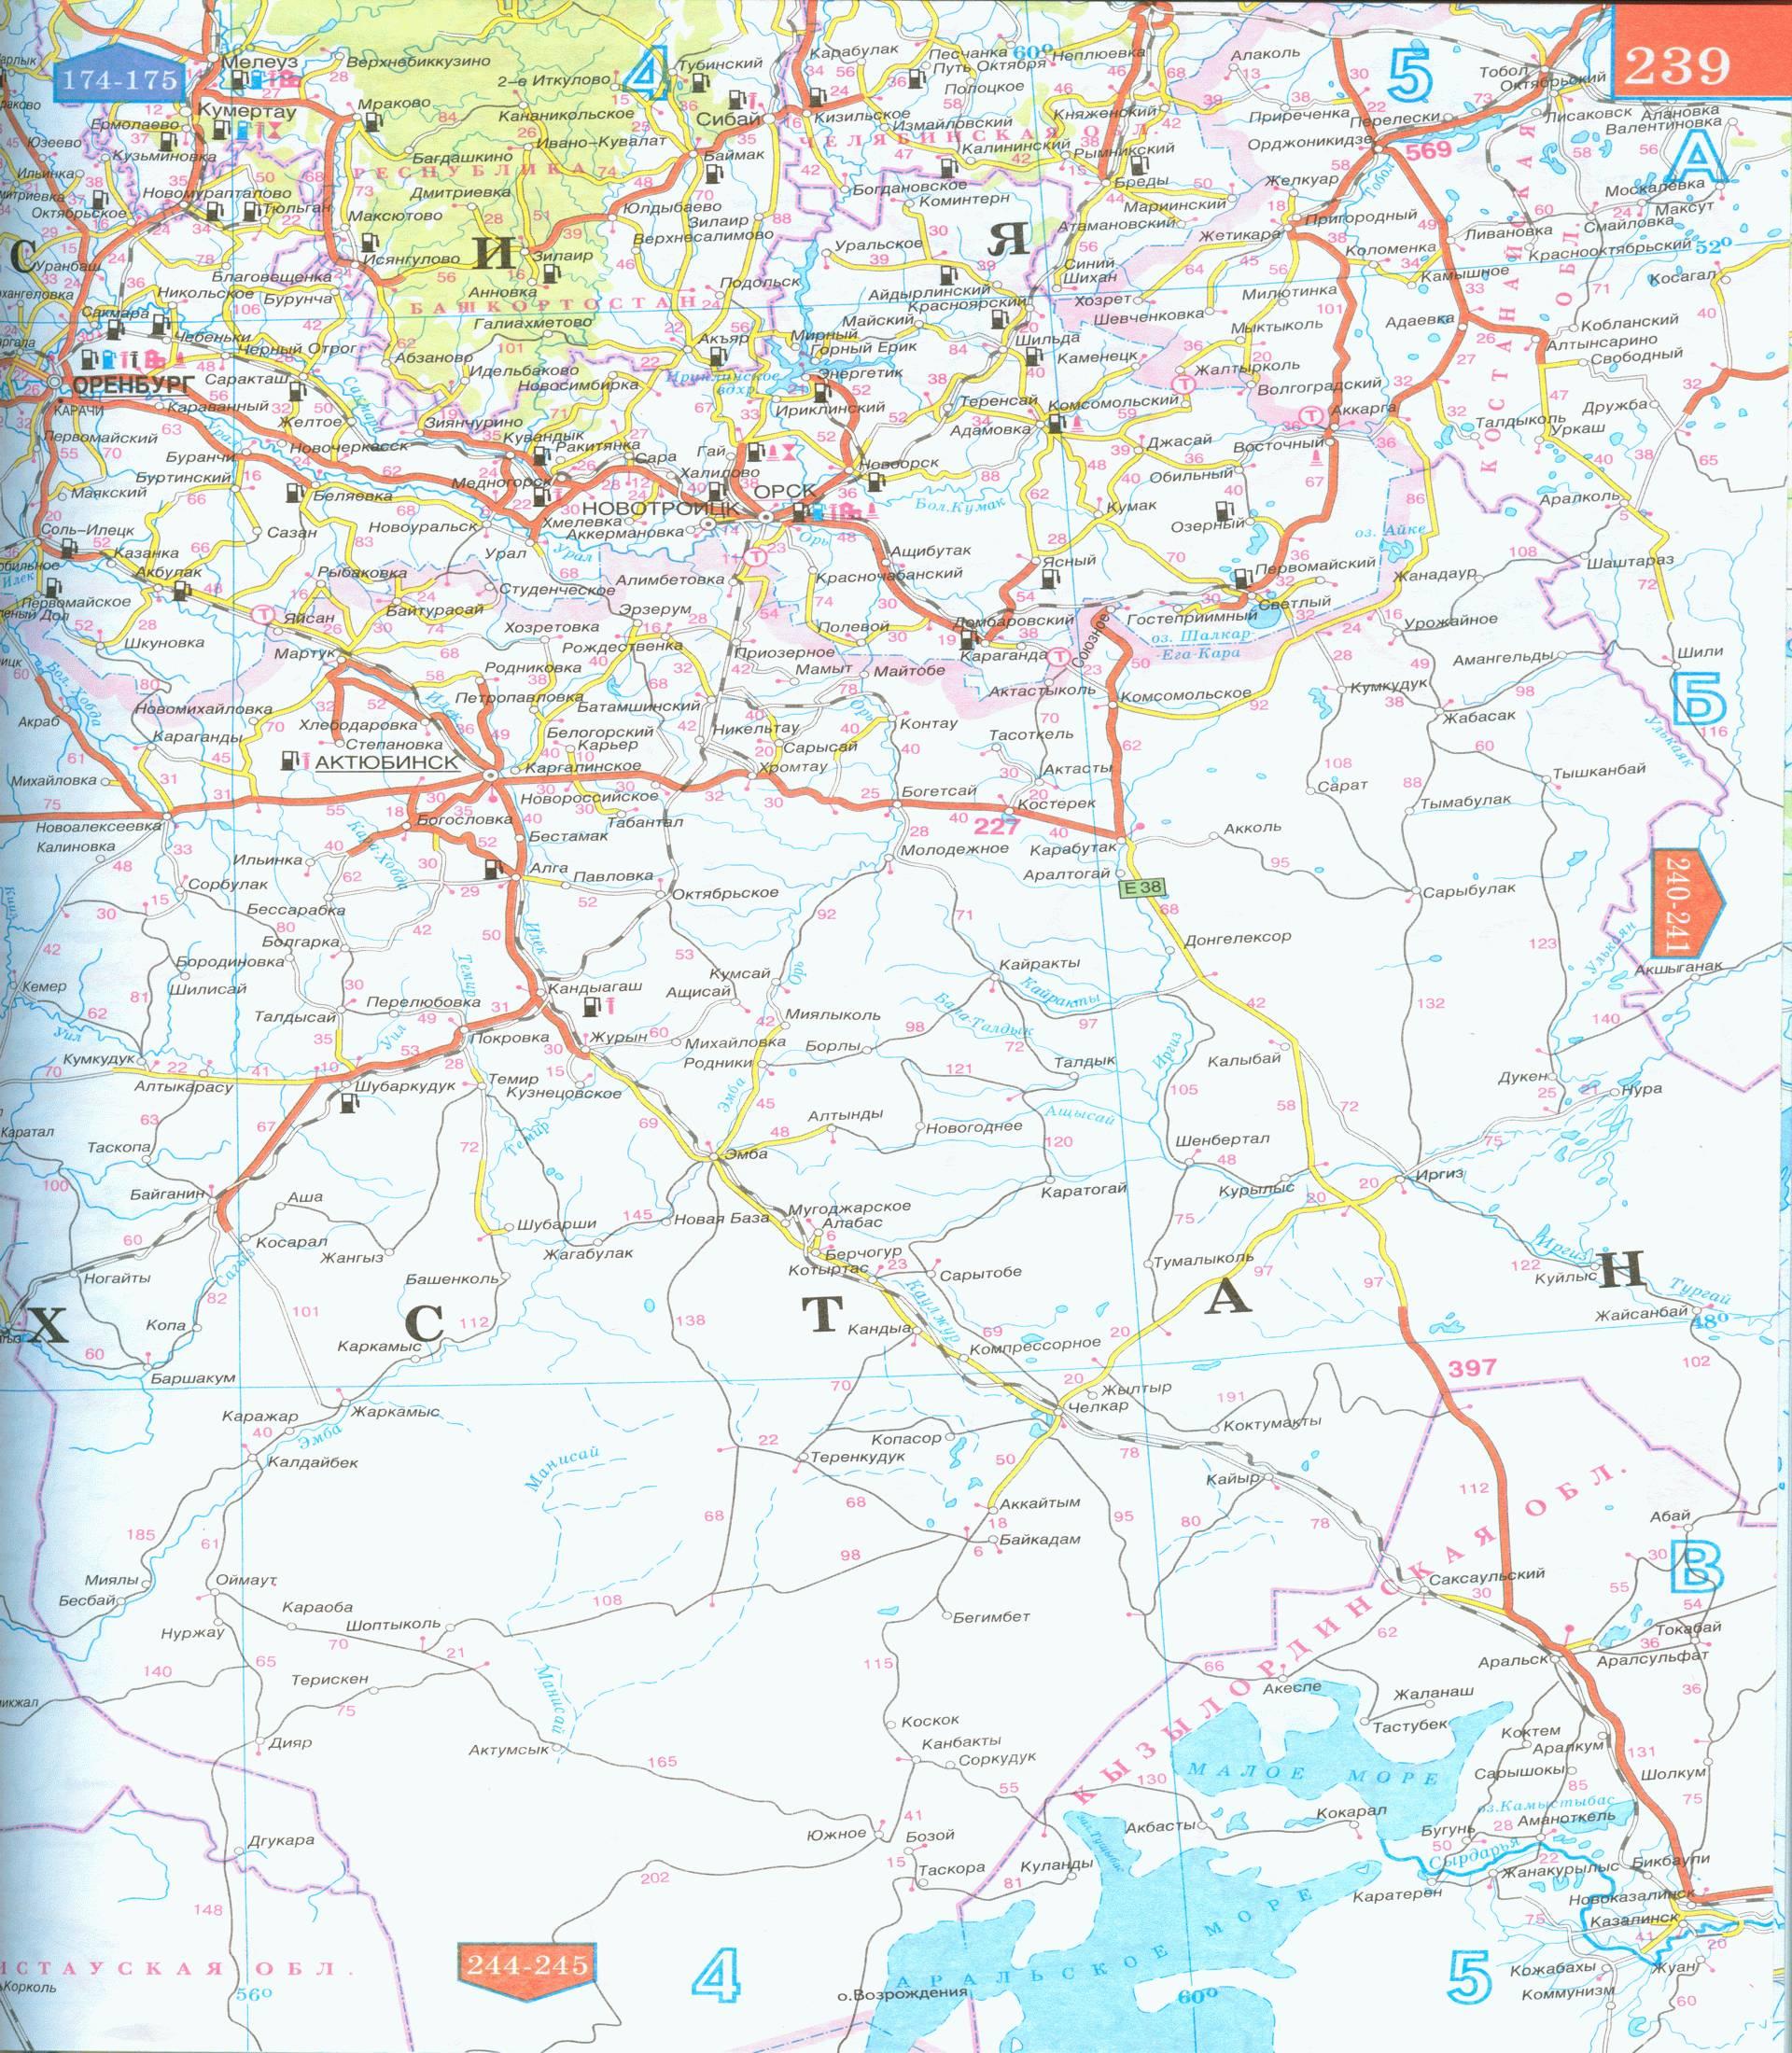 Карта схема автомобильных дорог Западного Казахстана.